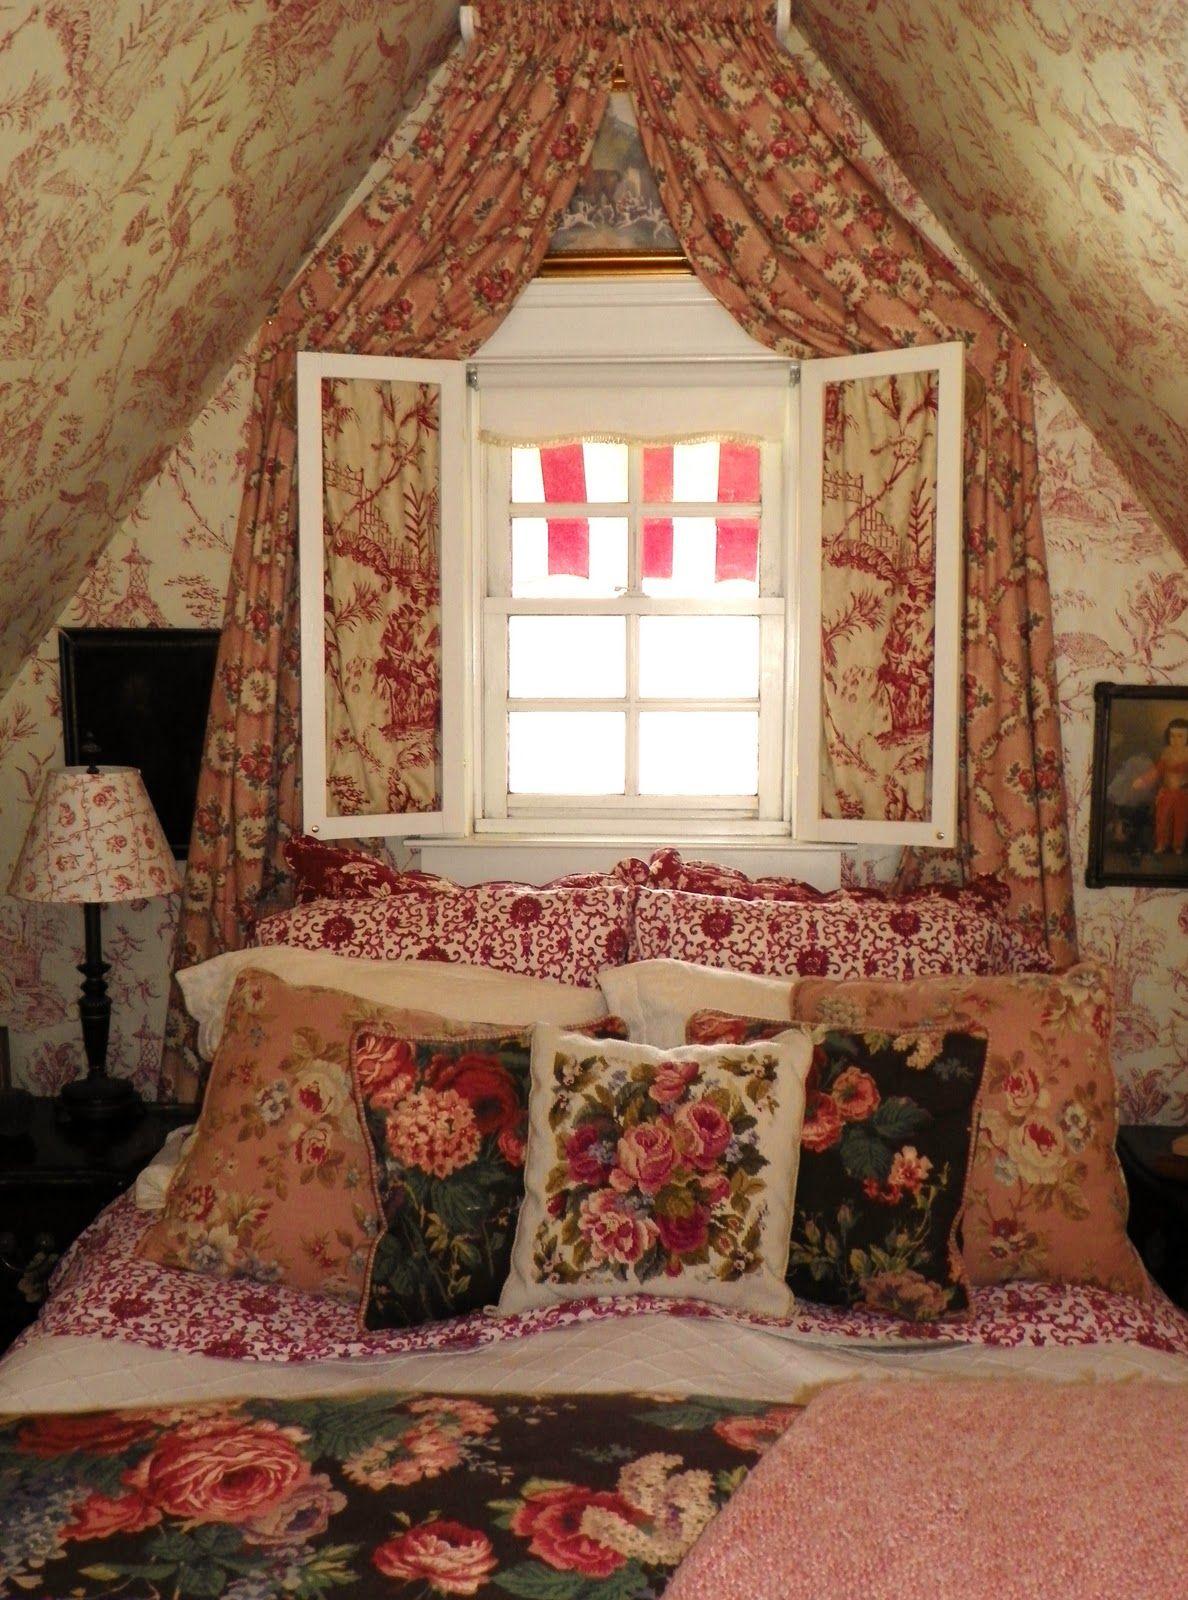 Bed under window  darling bedroom under the eaves  rosebud cottage  pinterest